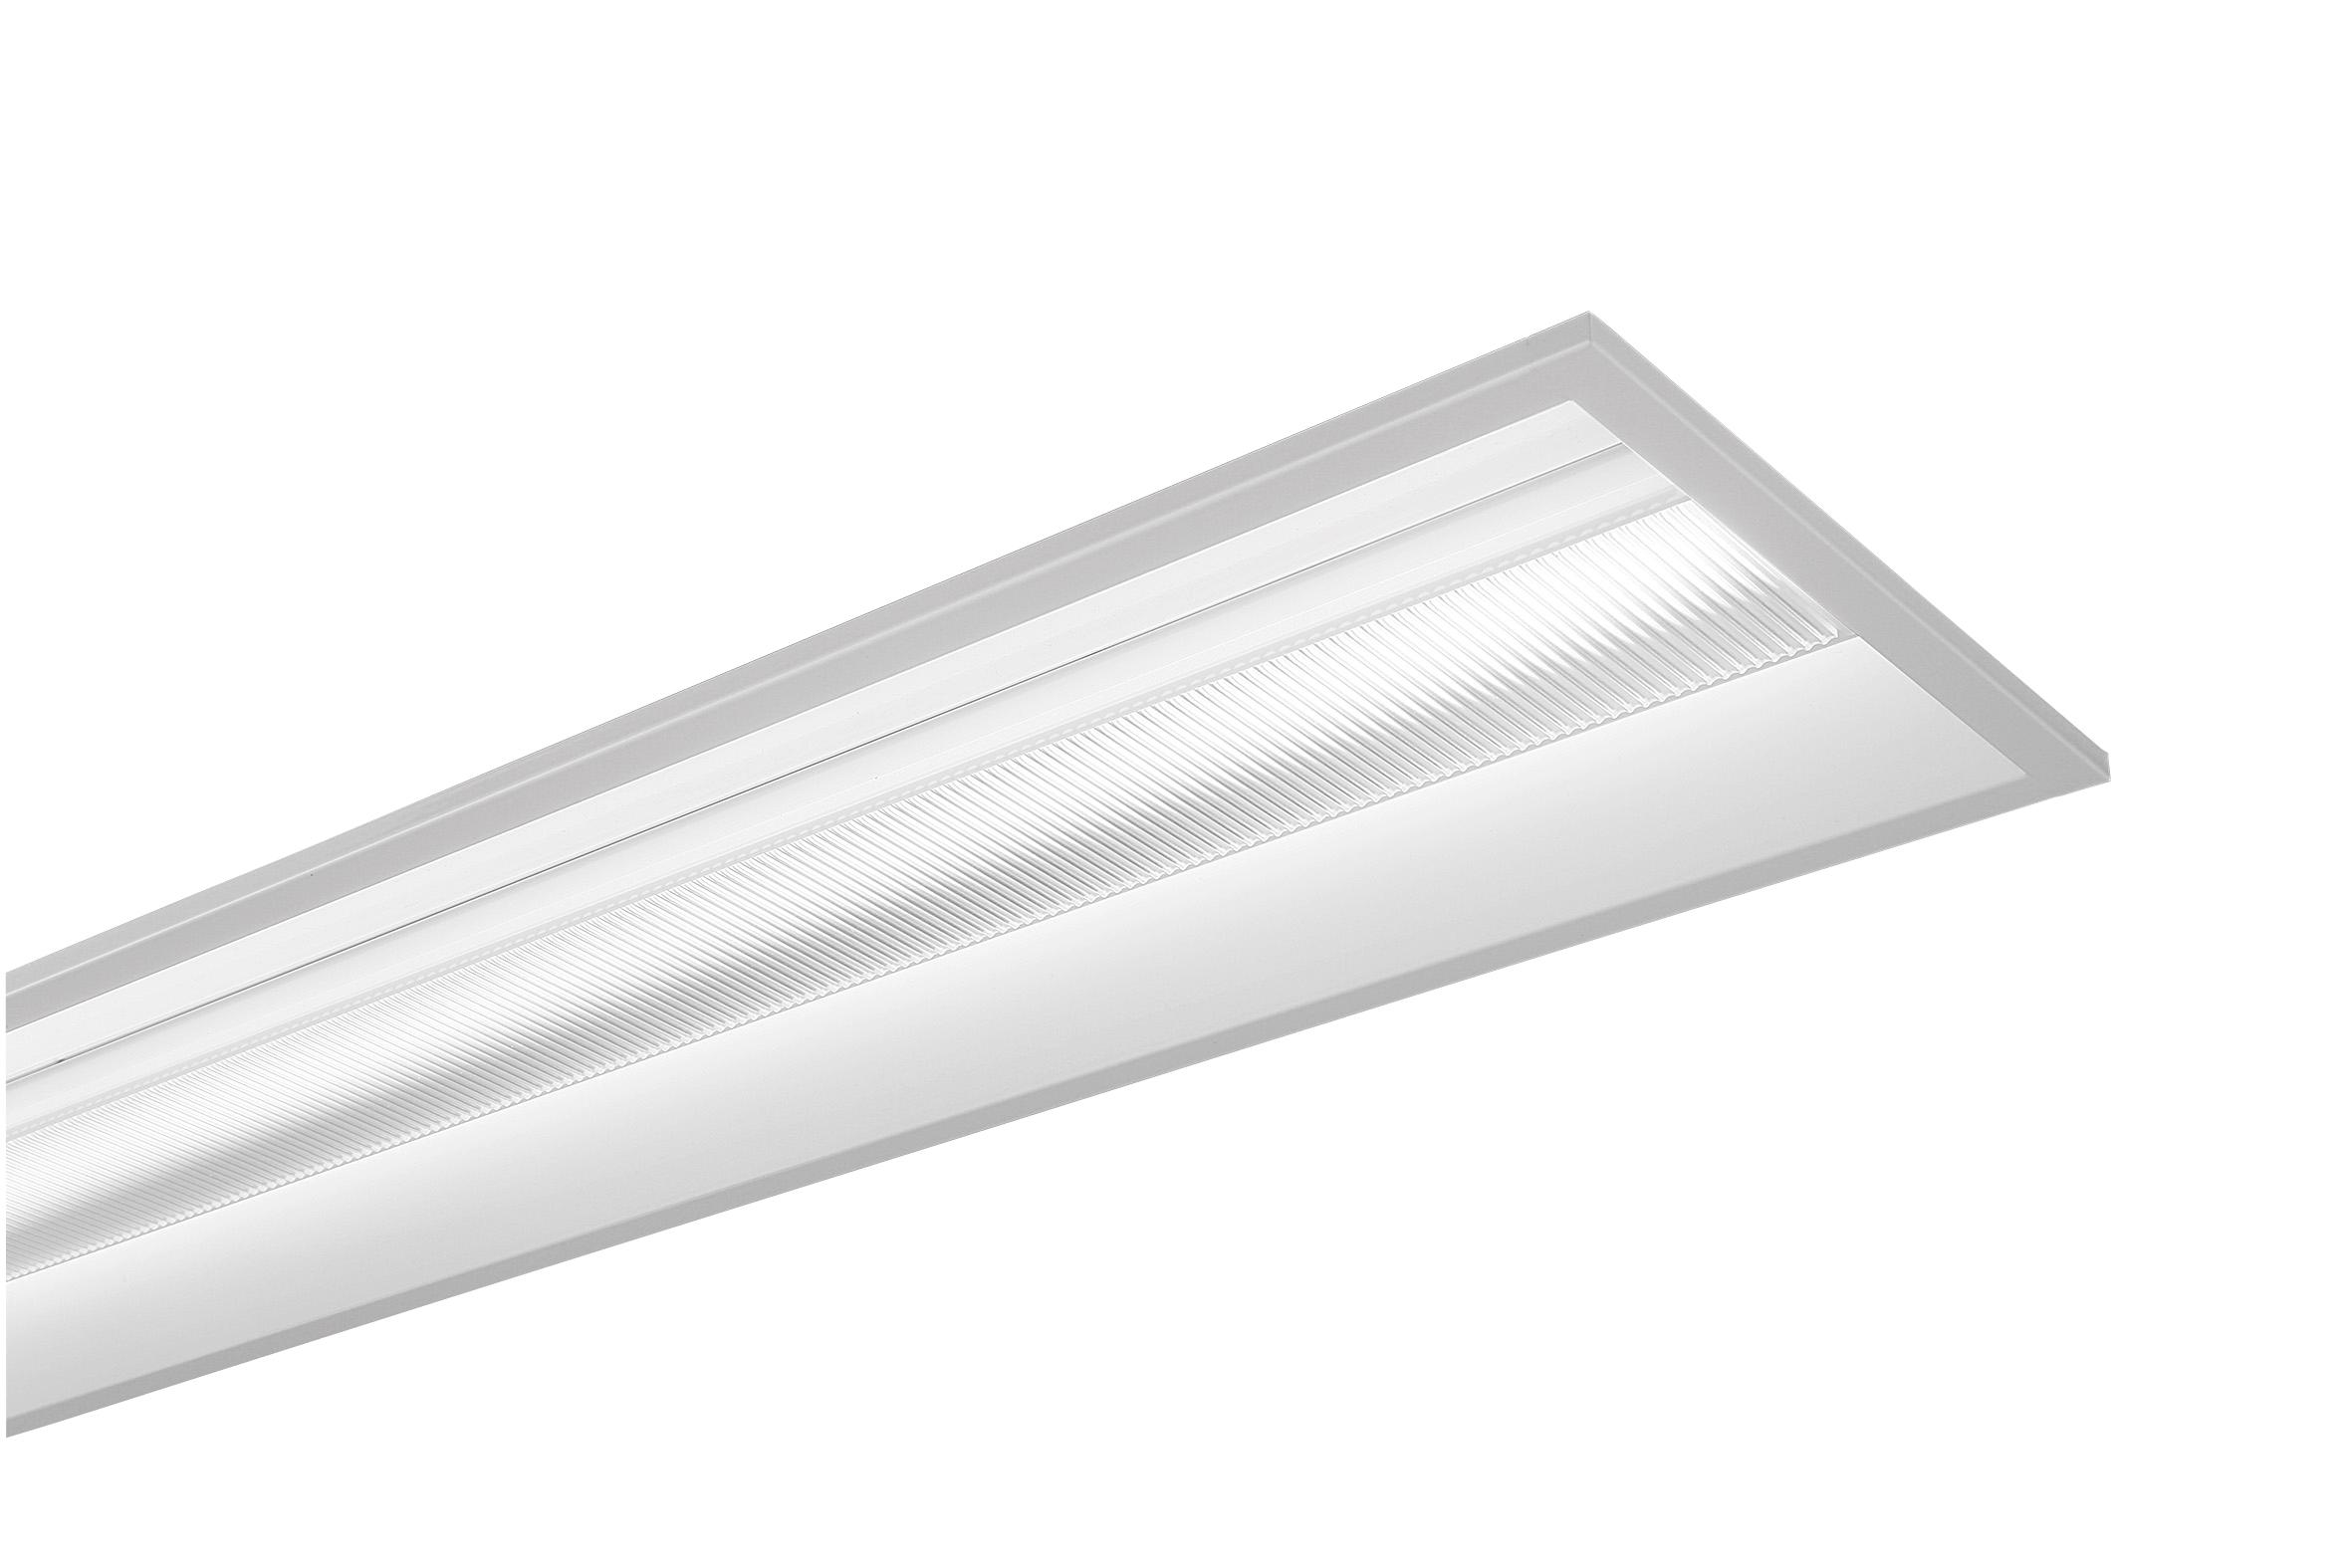 「一体型LEDベースライト iDシリーズ グレアセーブライトバー」マルチコンフォートタイプ(1)